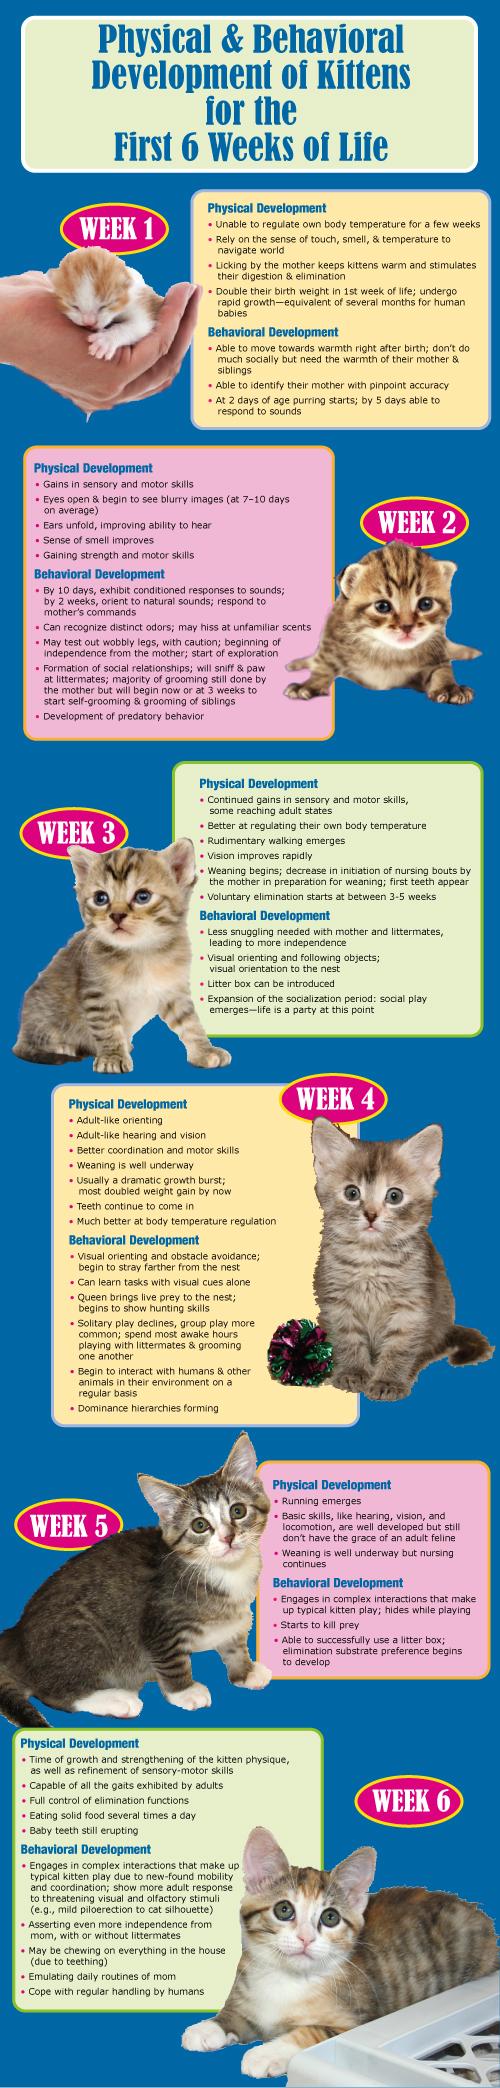 Kittens-1st_6_weeks6